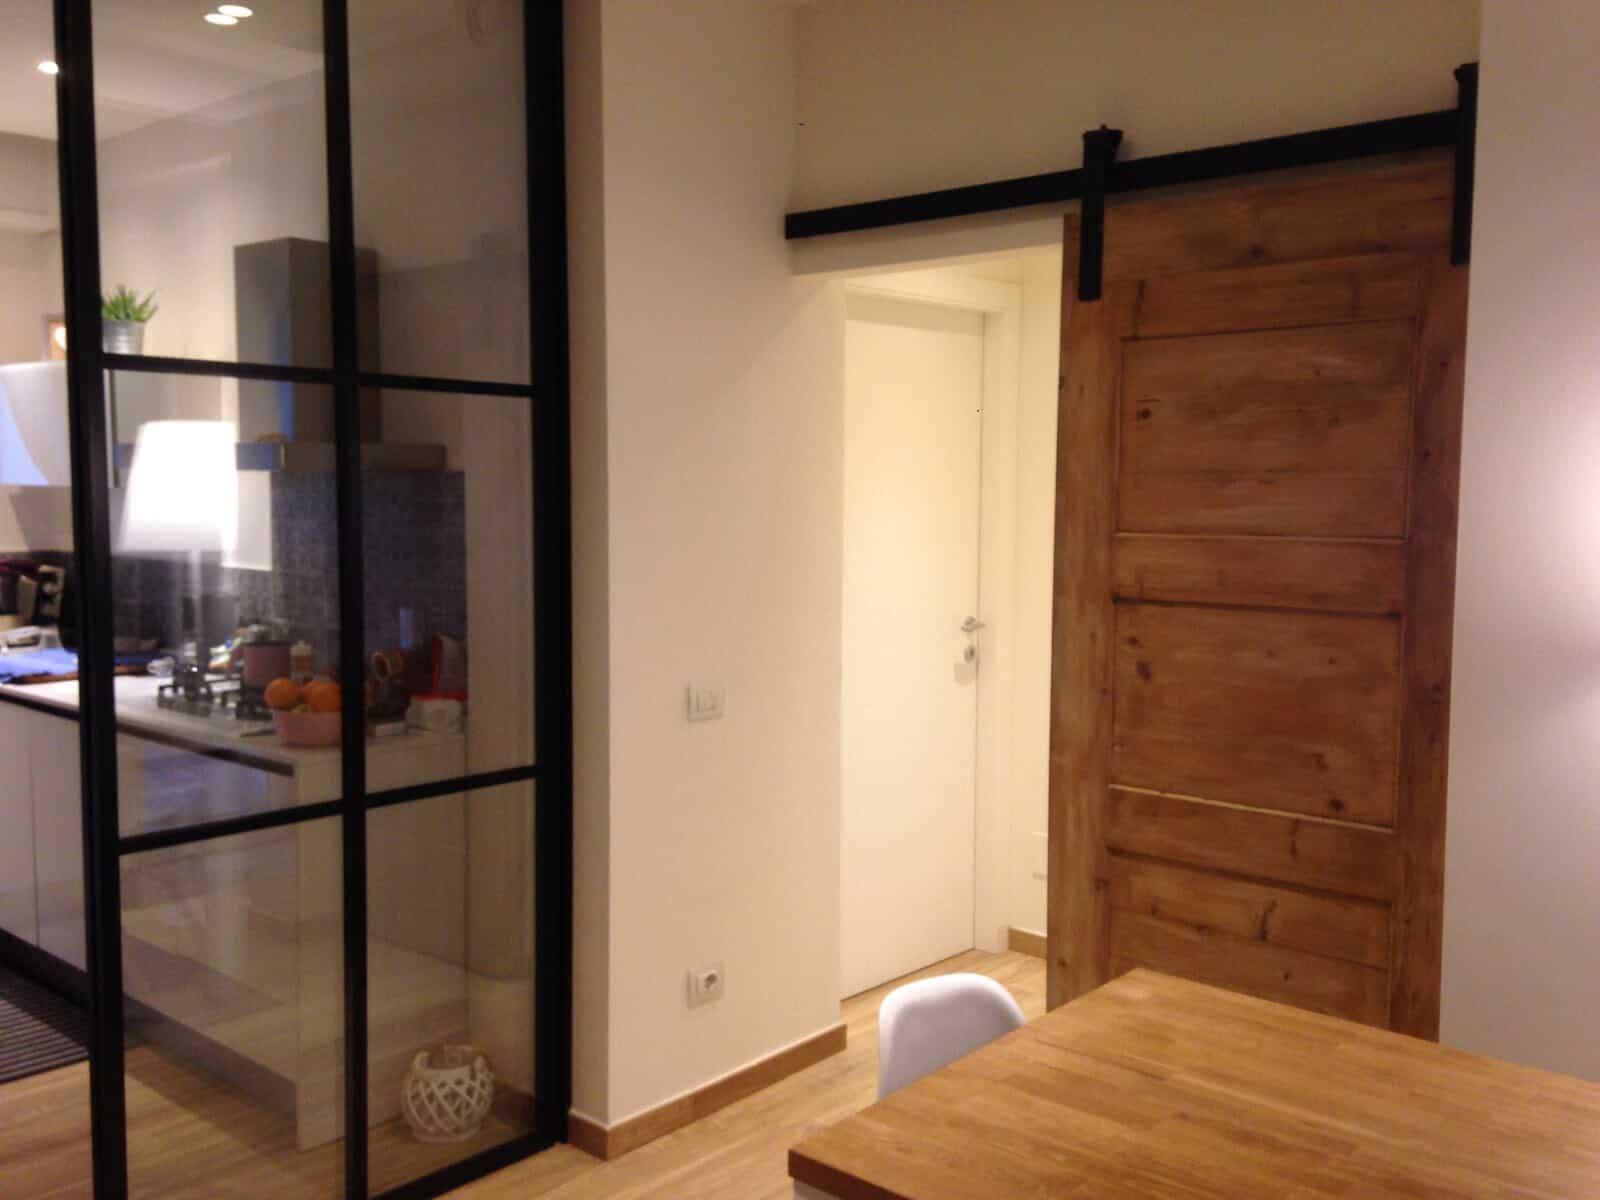 Appartamento stile industriale con porta scorrevole esterno muro by Le Fabric!